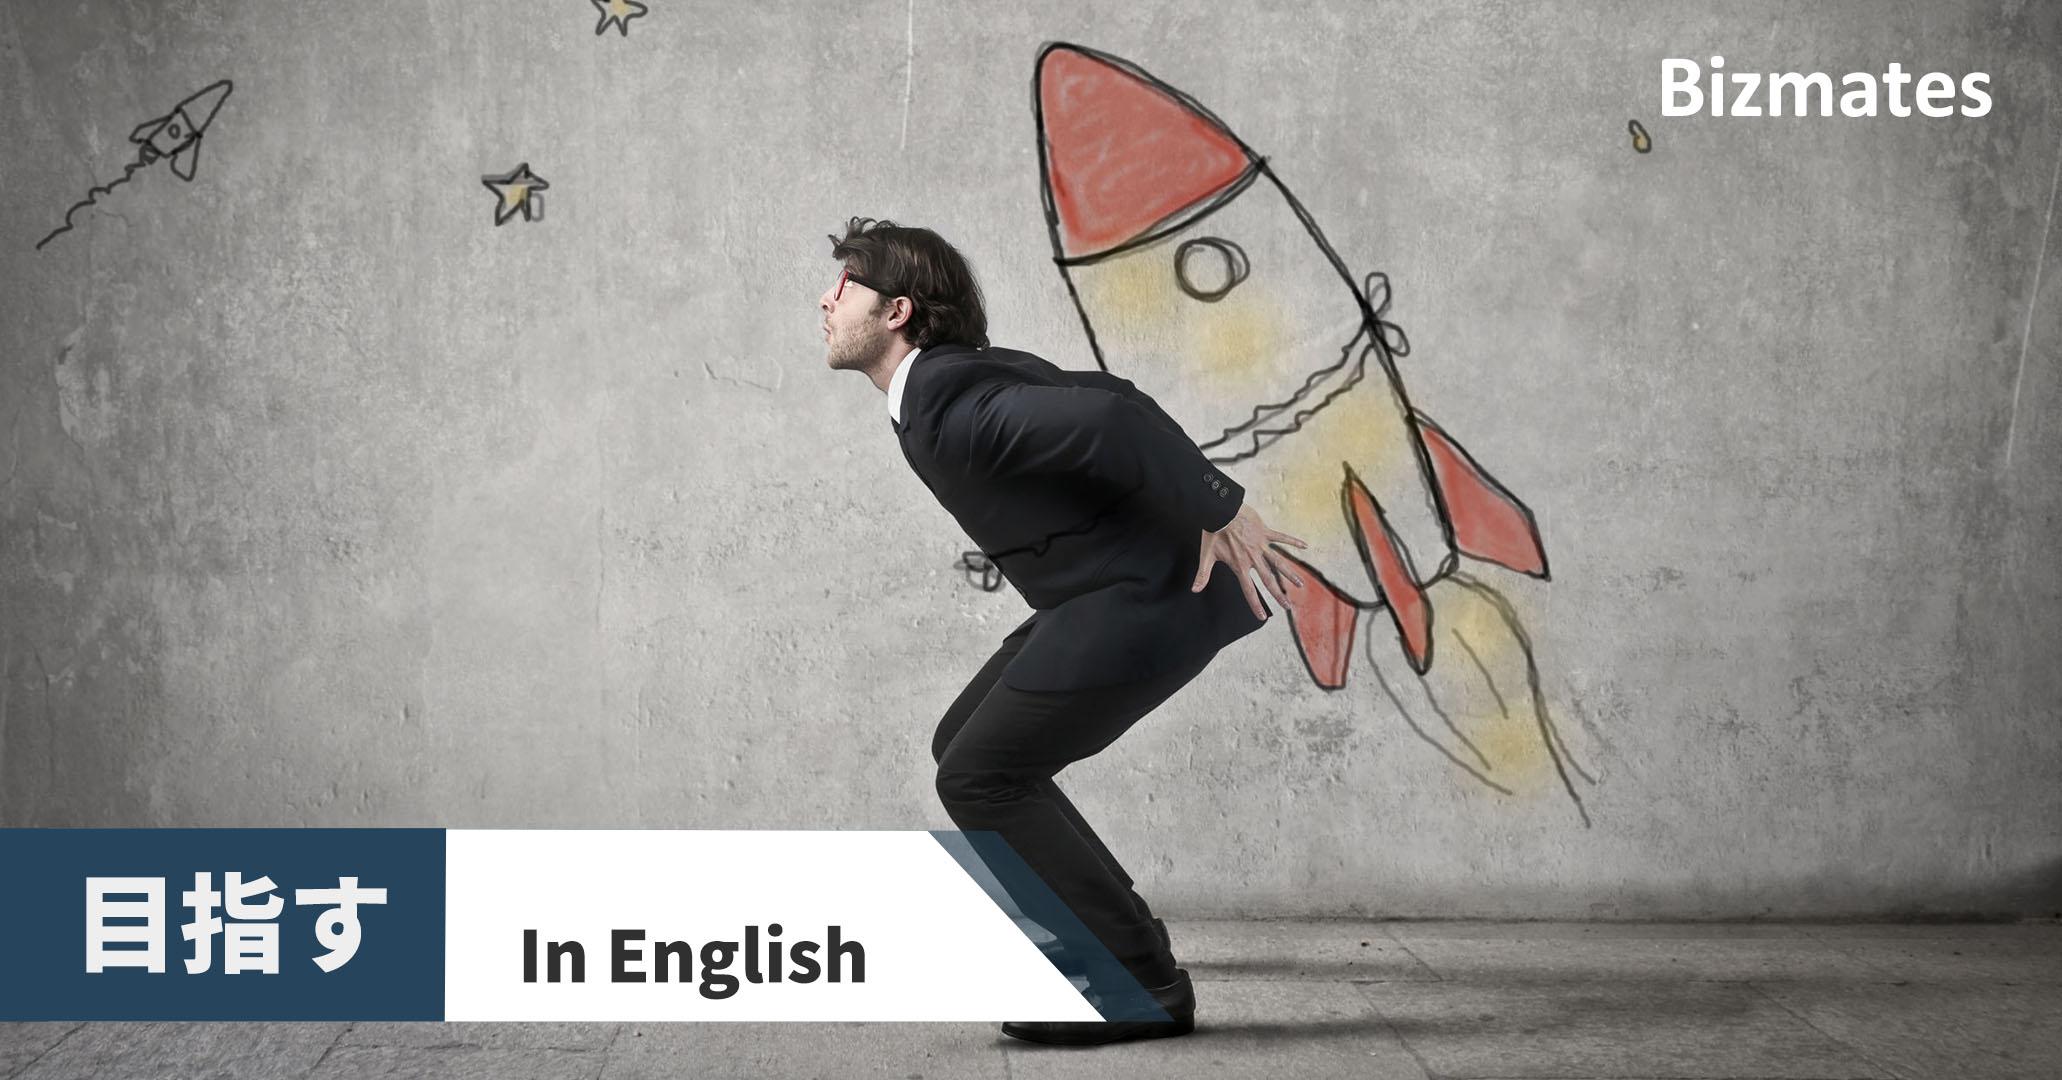 目指す って英語で何と言う 目標について話す時に使う英語表現 英語で暮らしと仕事が楽しくなるビズメイツブログ Bizmates Blog